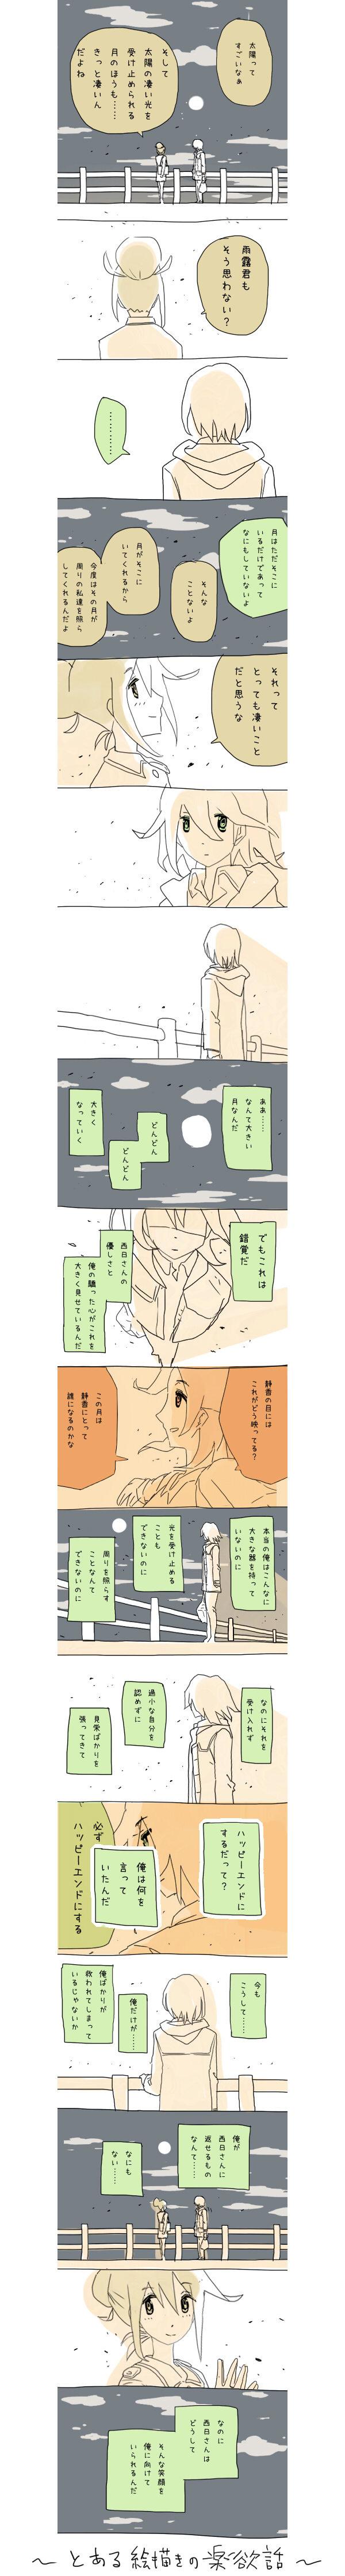 b22_05.jpg